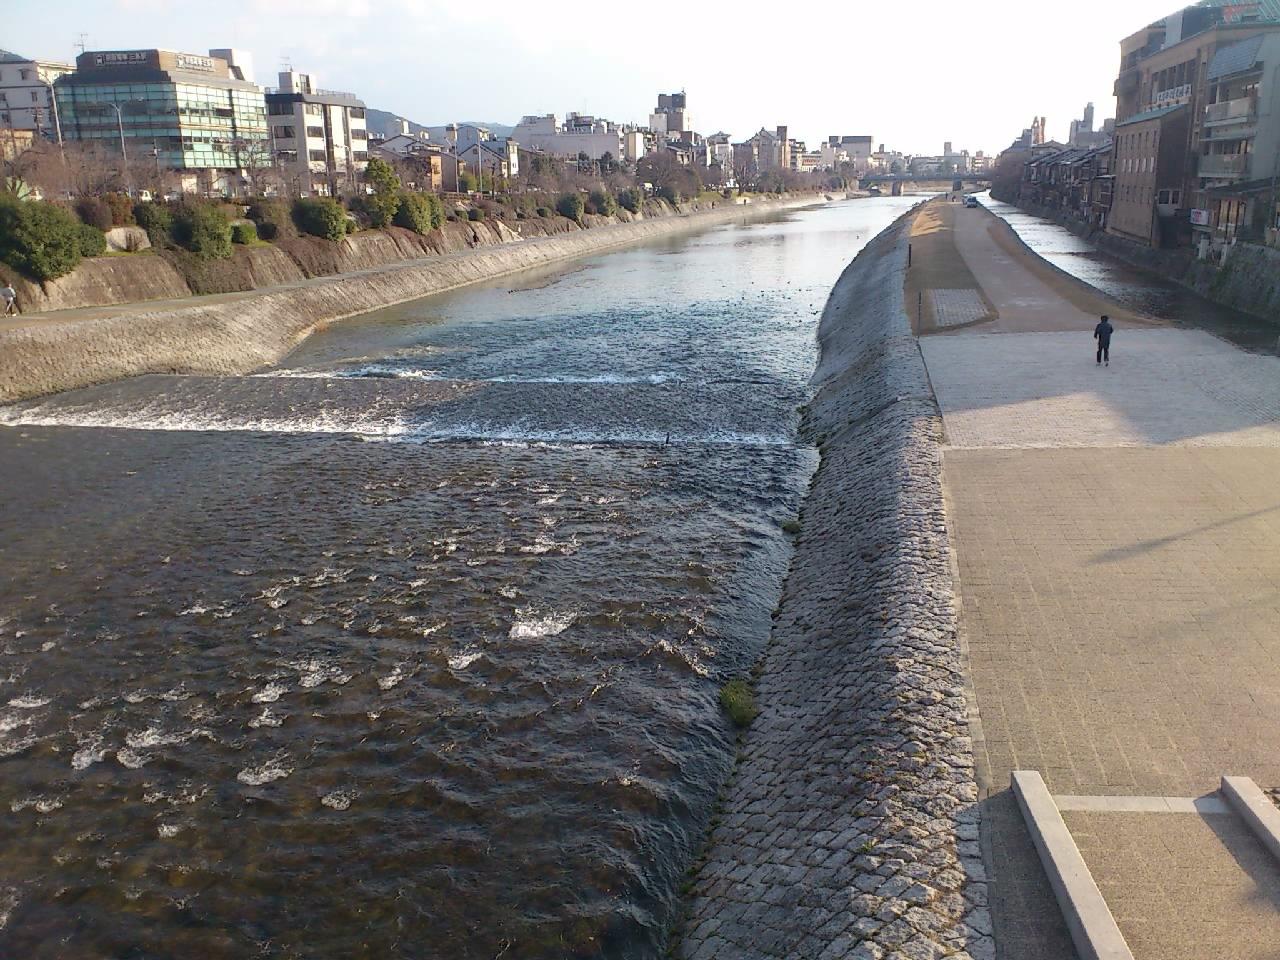 京都で一席の後難波の角座へ。落語と大喜利。漫才の方との絡みは楽しいです☆京都「抜け雀」角座「代書屋」